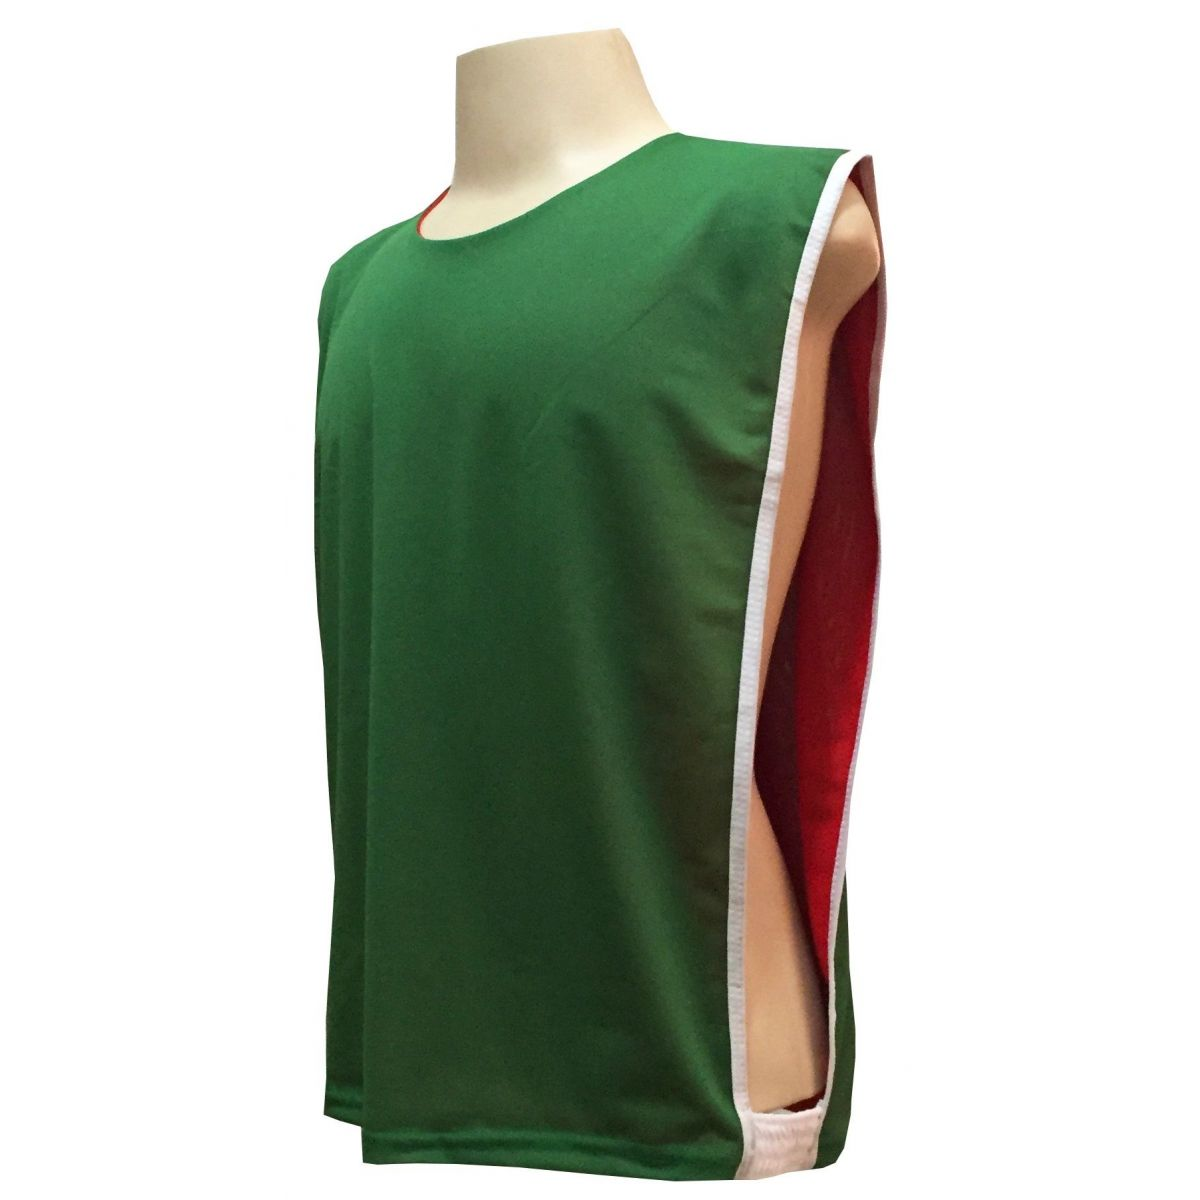 Jogo de Coletes Dupla Face 06 Unidades na cor Verde/Vermelho